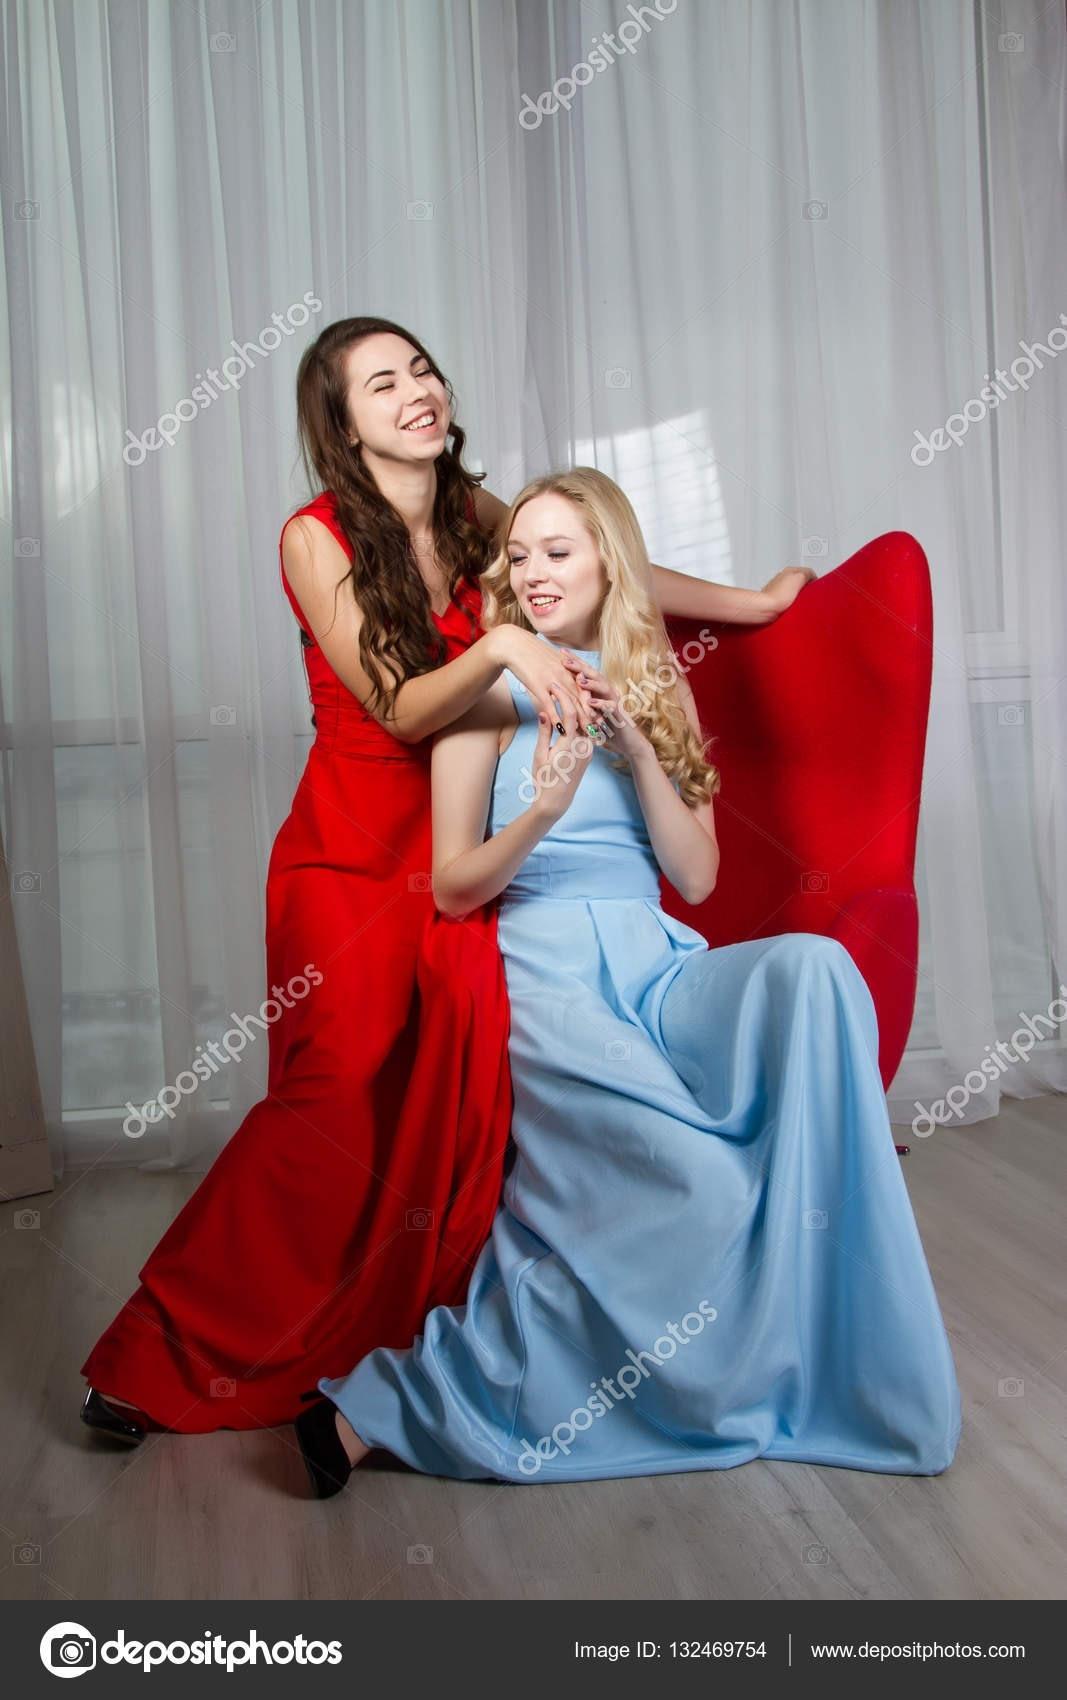 10 Spektakulär Abendkleider Junge Frauen Bester Preis10 Top Abendkleider Junge Frauen Stylish